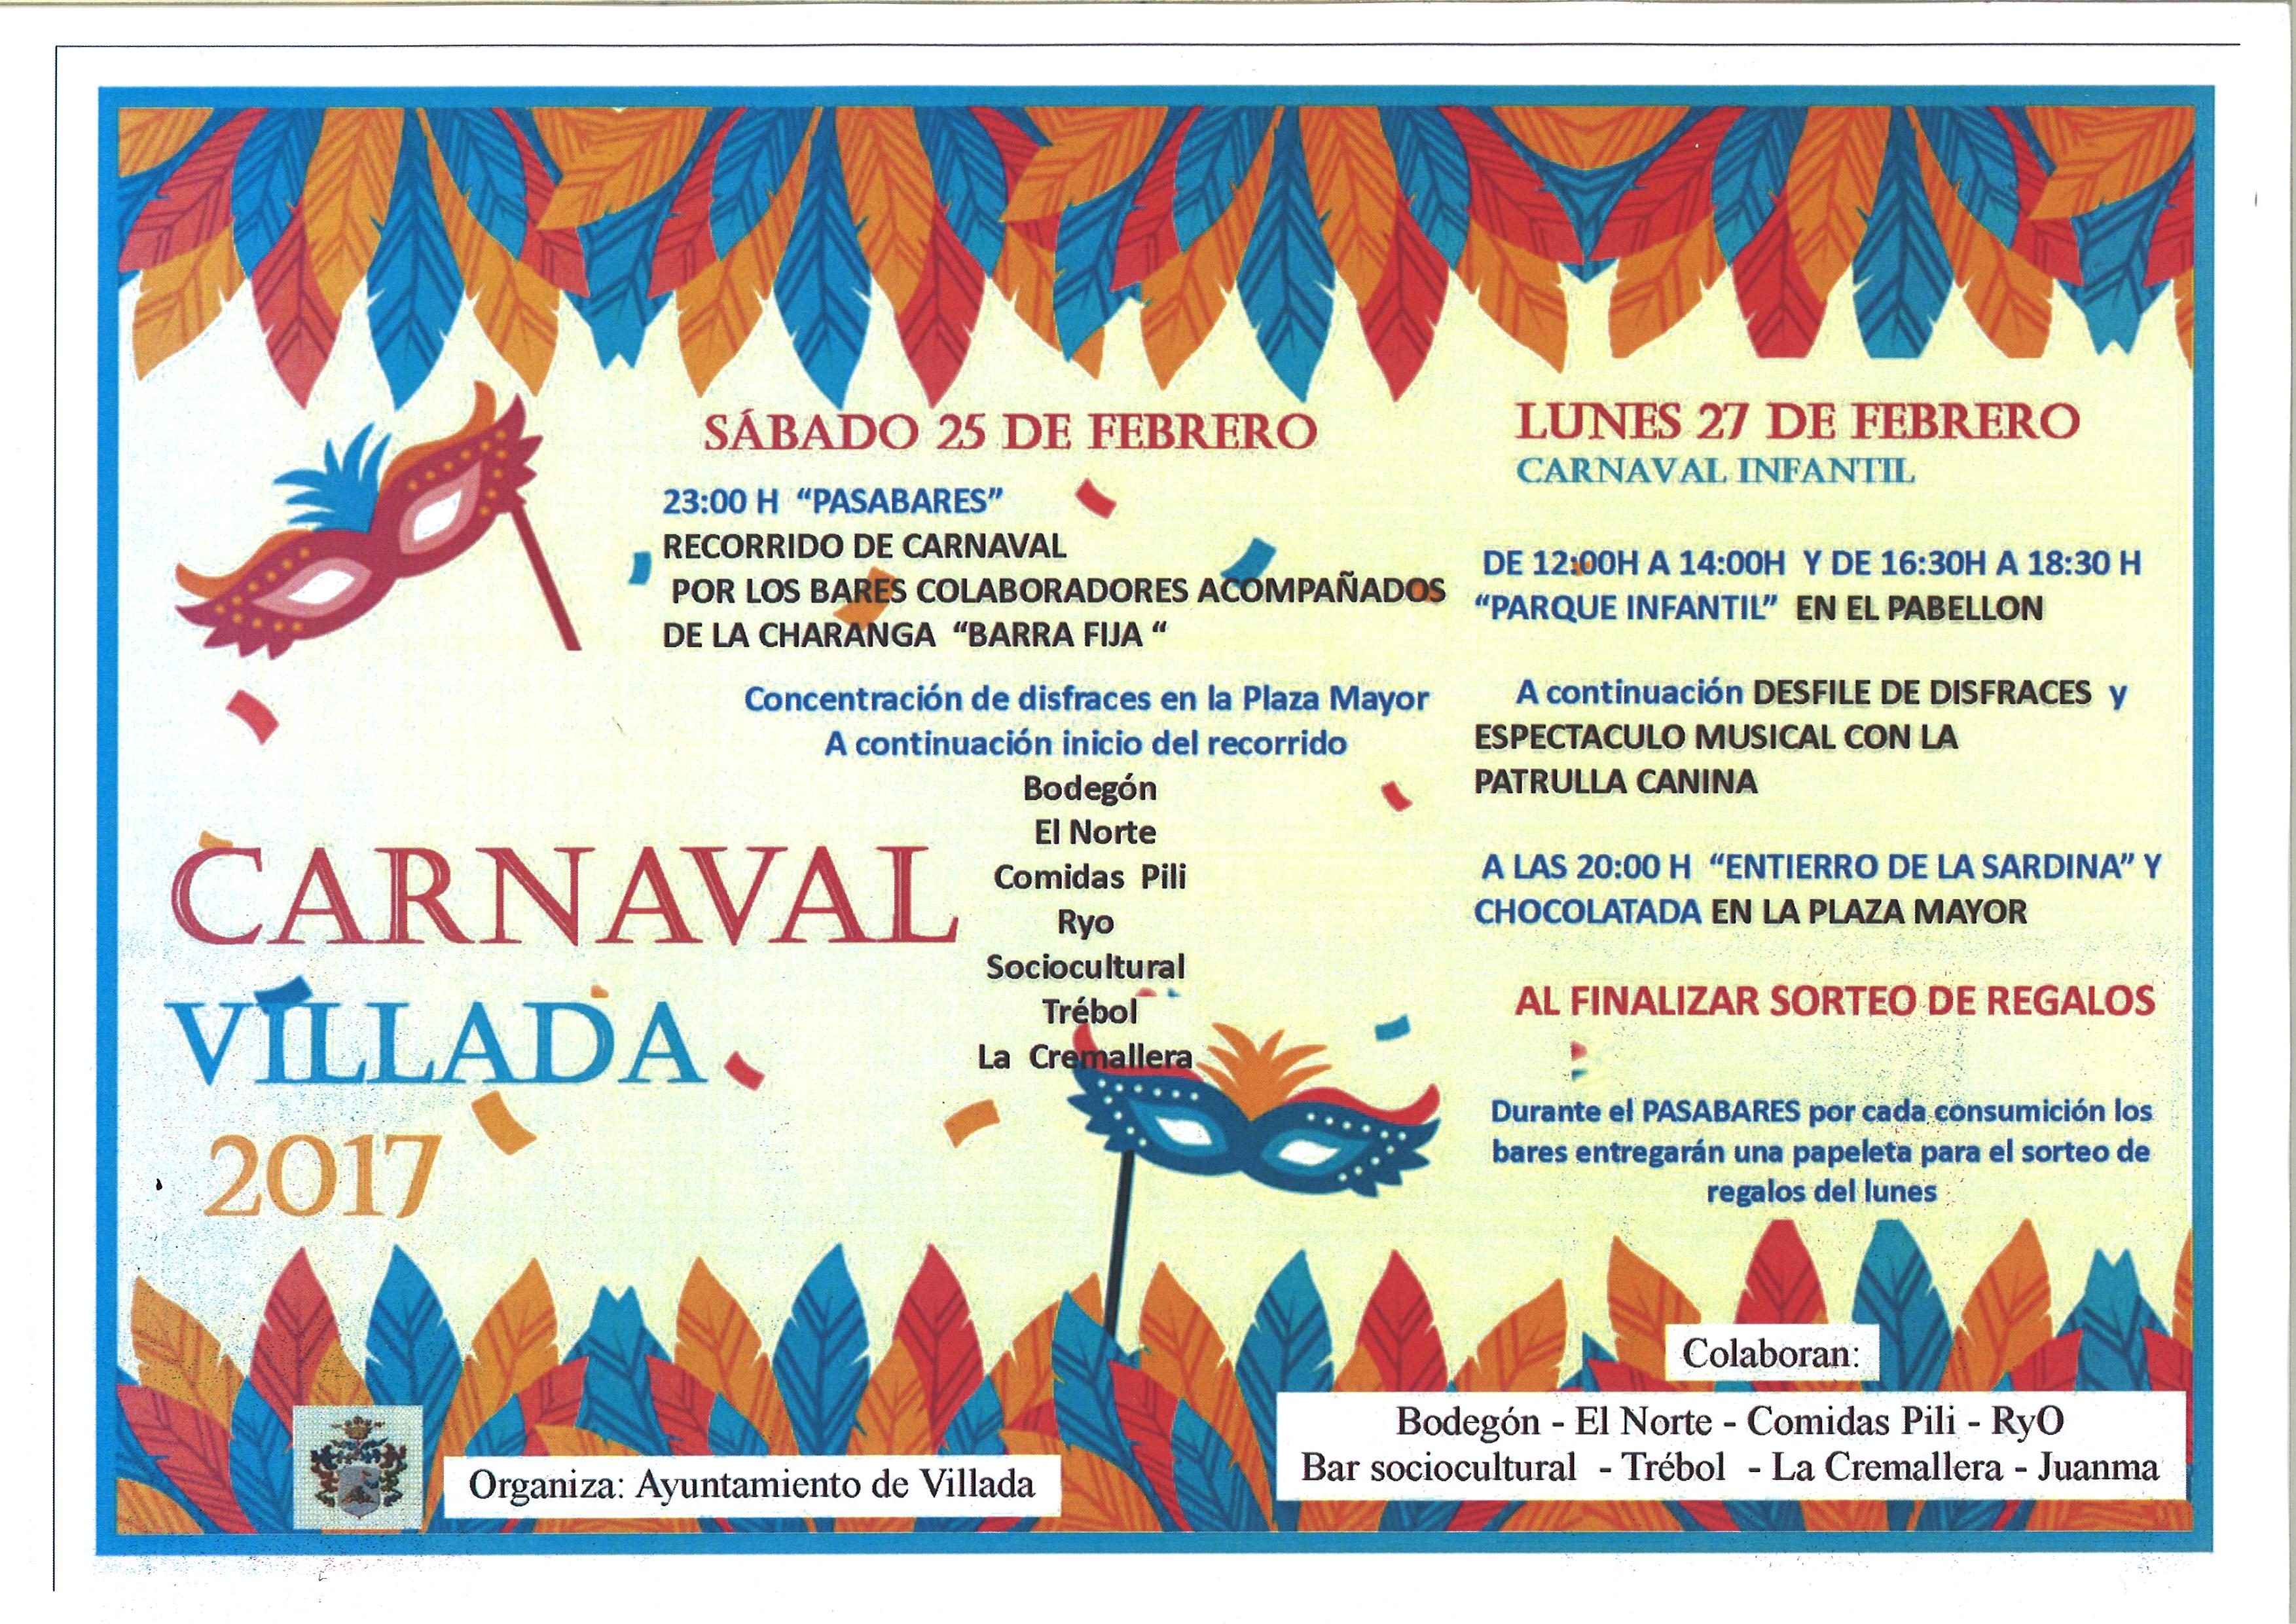 Carnaval 2017. 25 y 27 de Febrero.